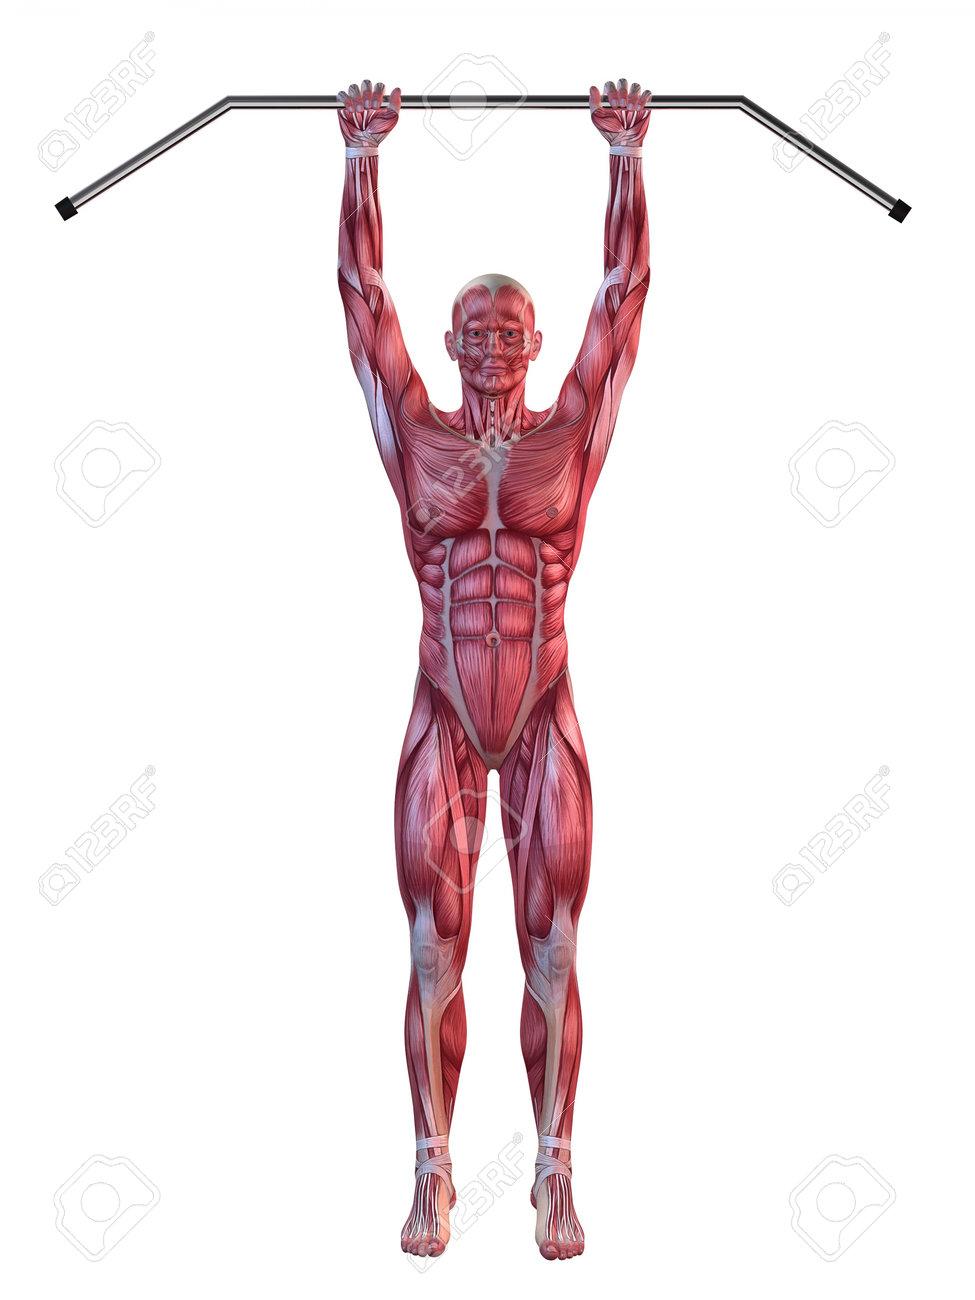 male workout - hanging leg raises Stock Photo - 11073142